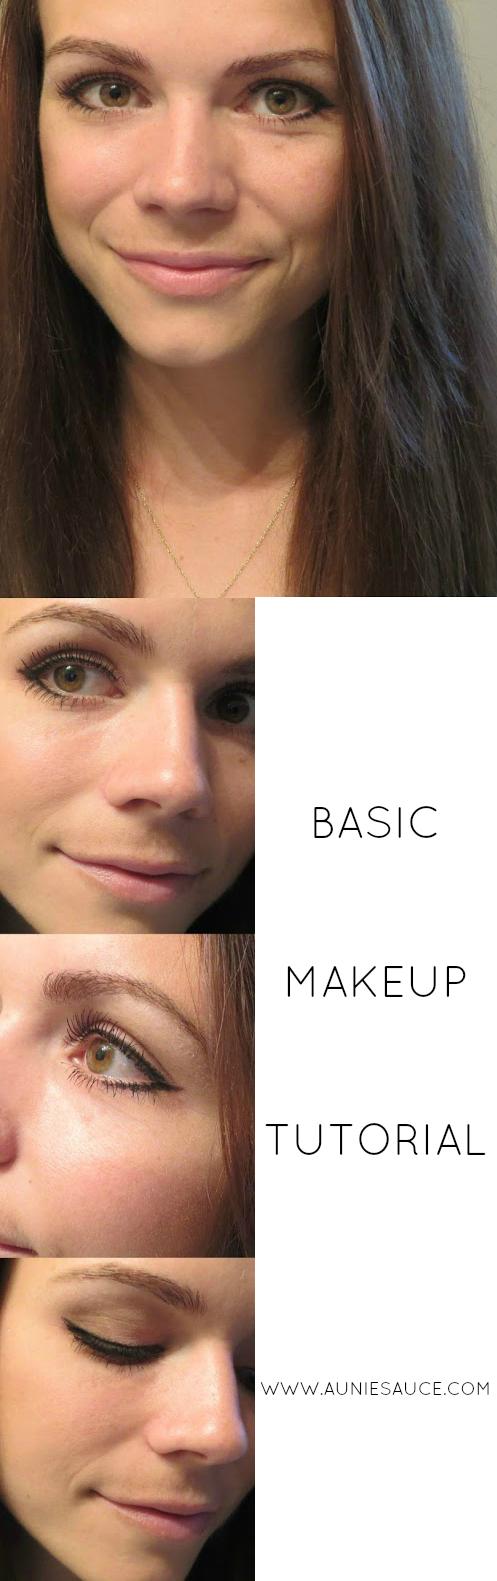 Aunie Sauce: Basic Makeup Tutorial